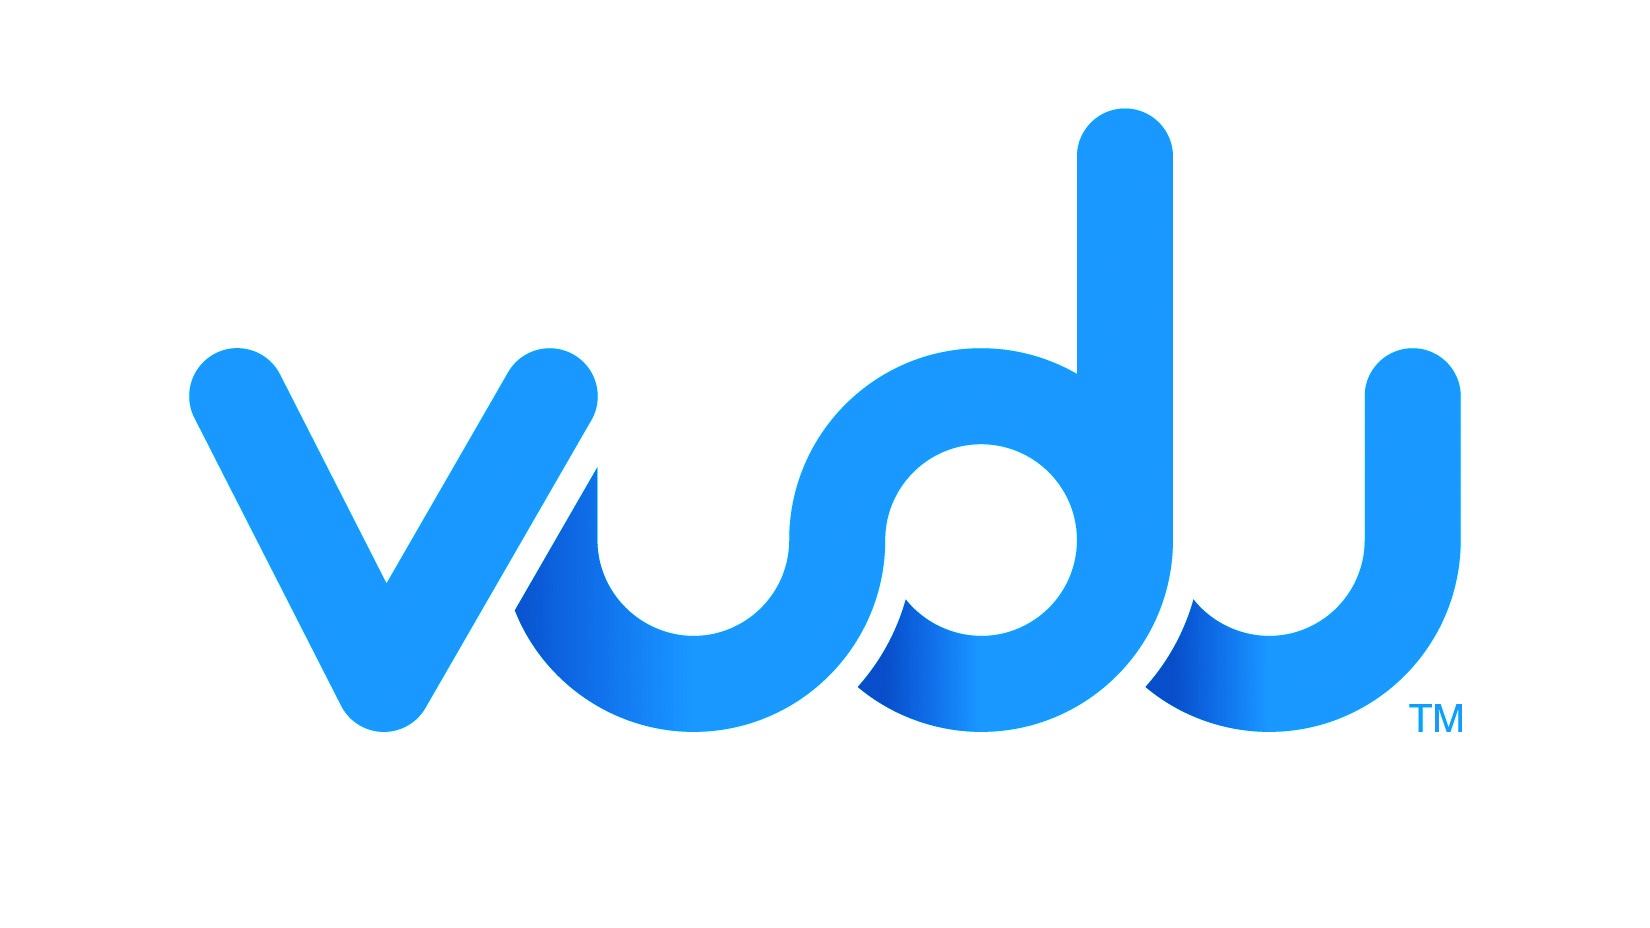 Walmart Announces That Vudu Will Release 12 Original Films & TV